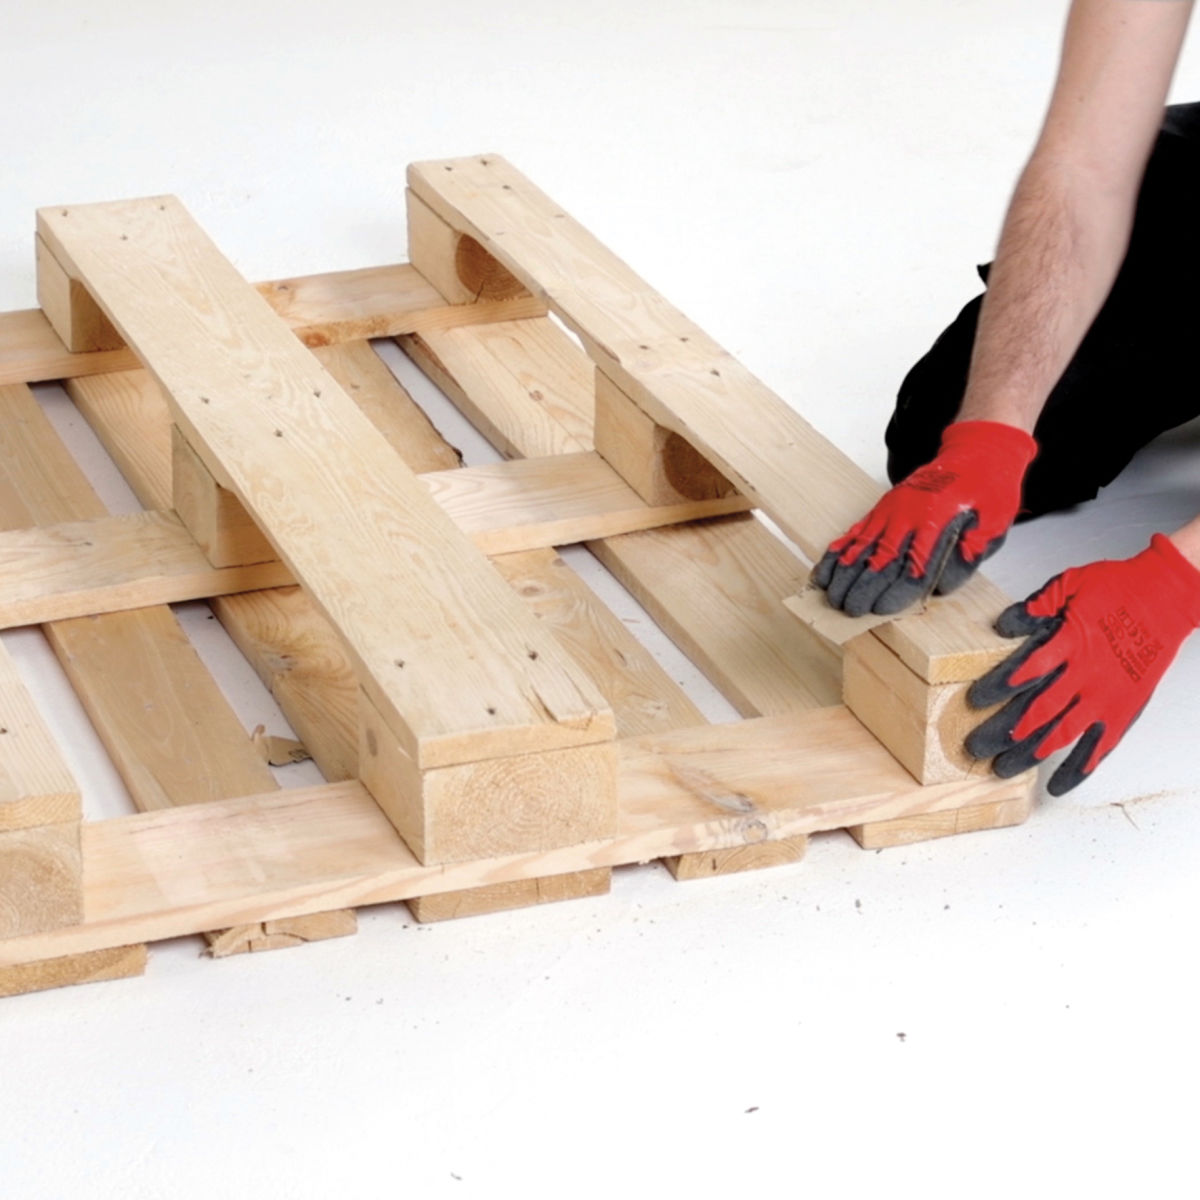 Come costruire un armadio portafucili idee per la casa - Si puo abitare una casa senza agibilita ...